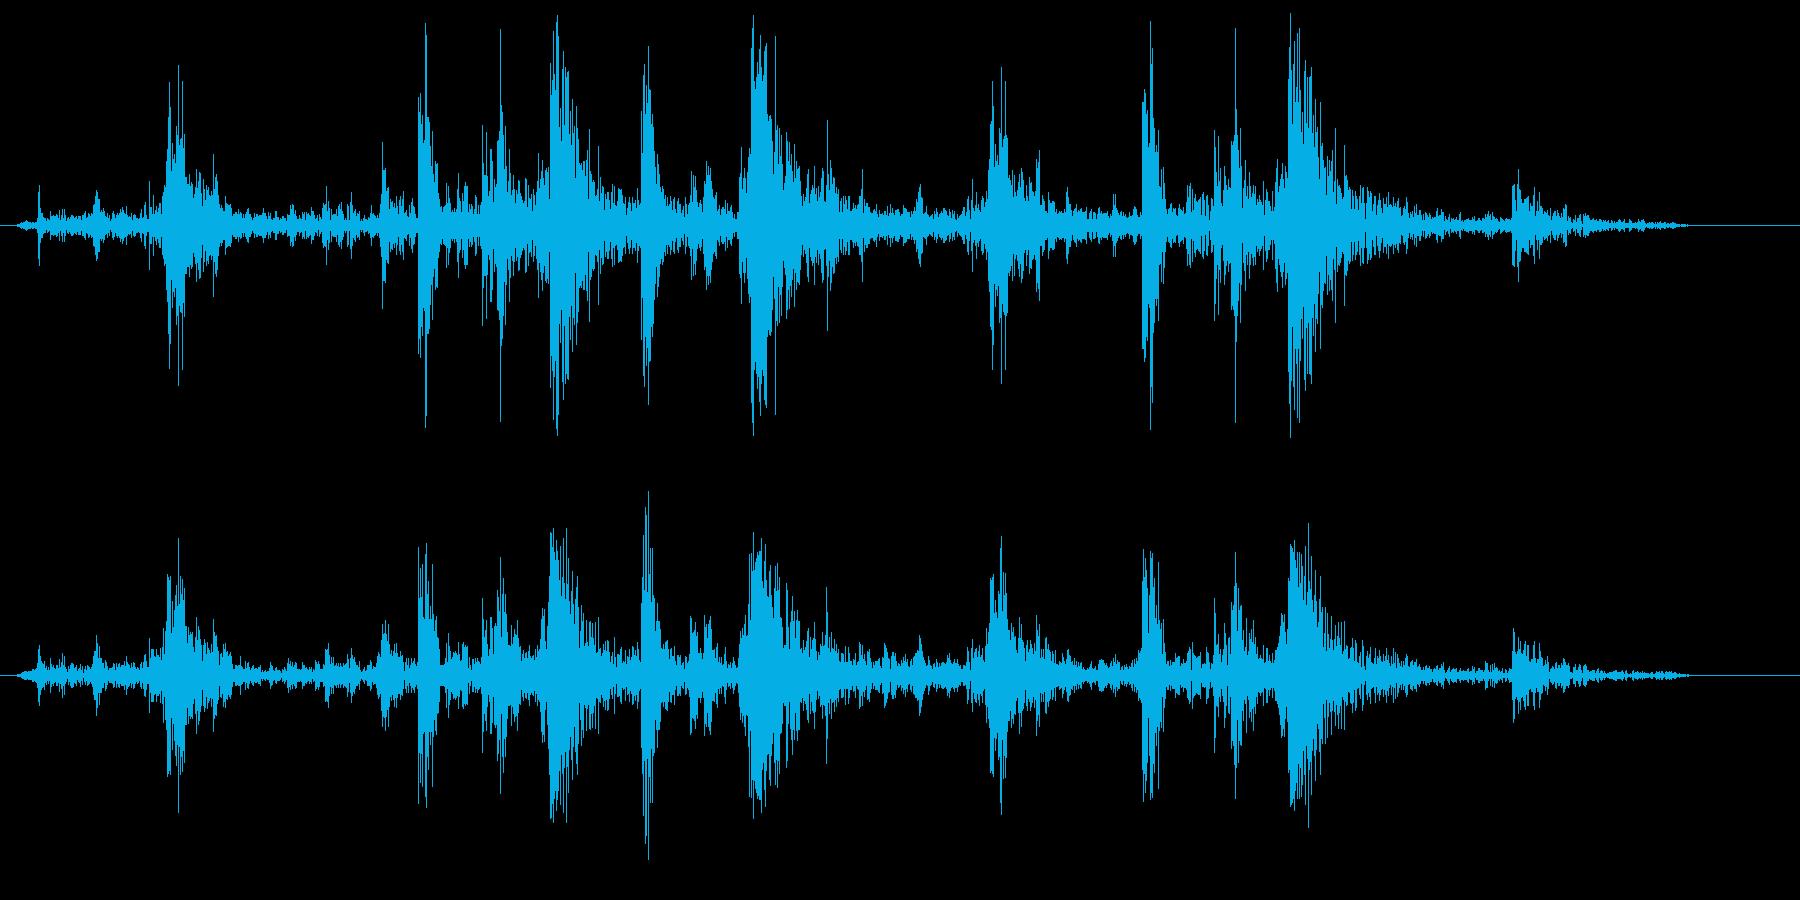 カチャカチャカチャ(タイピング音)の再生済みの波形